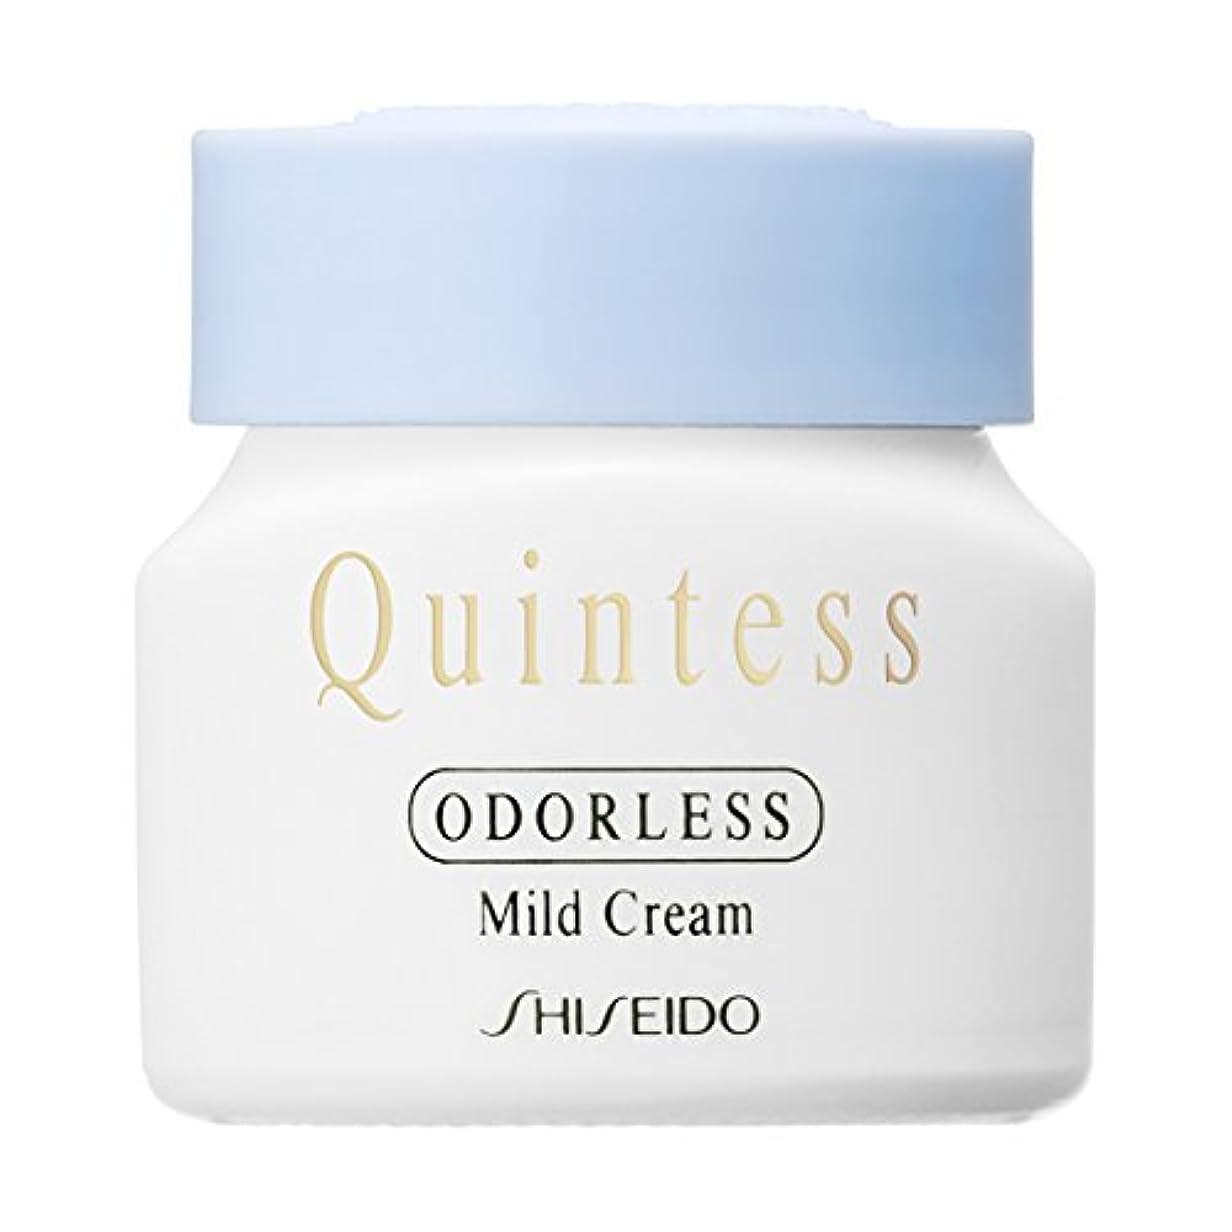 ショップ均等にインディカクインテス オーダレス マイルドクリーム 30g